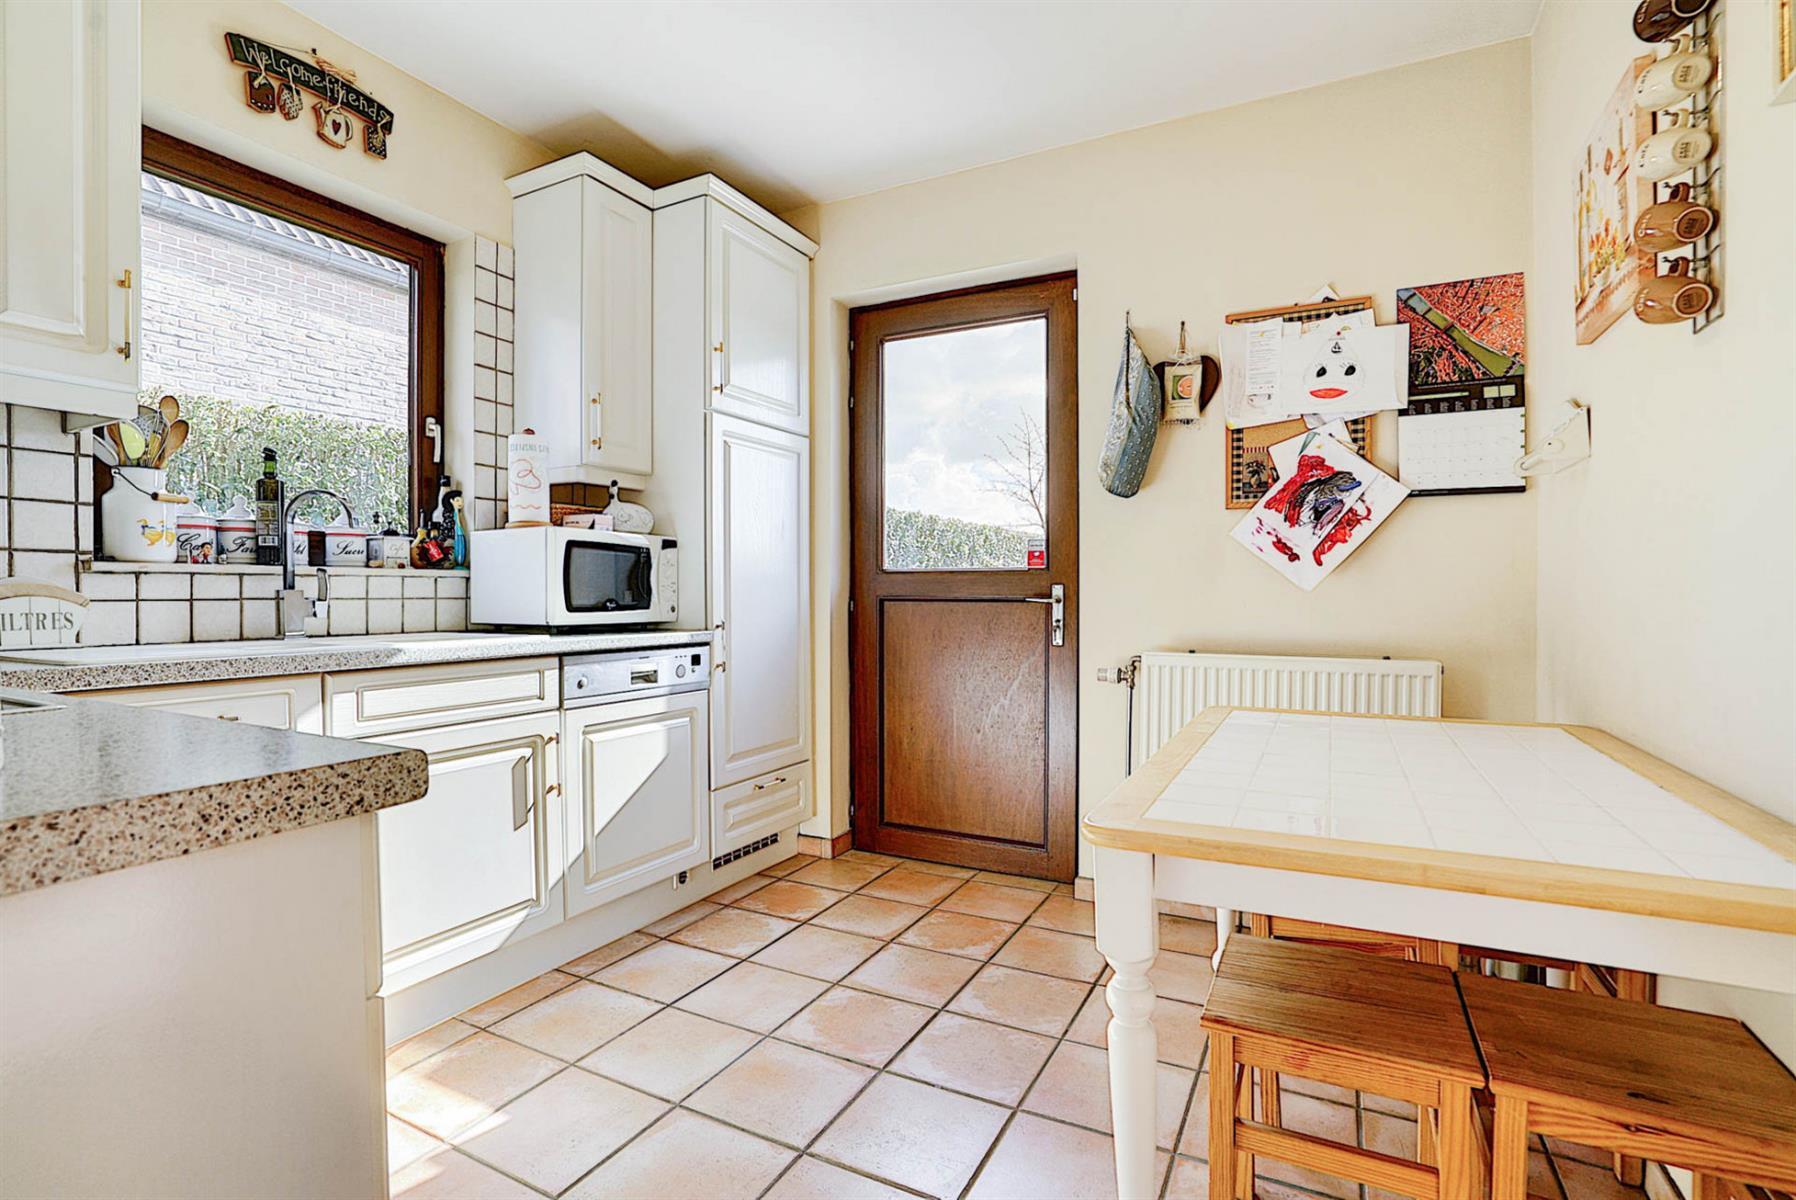 Villa - Chaumont-Gistoux - #4006823-10